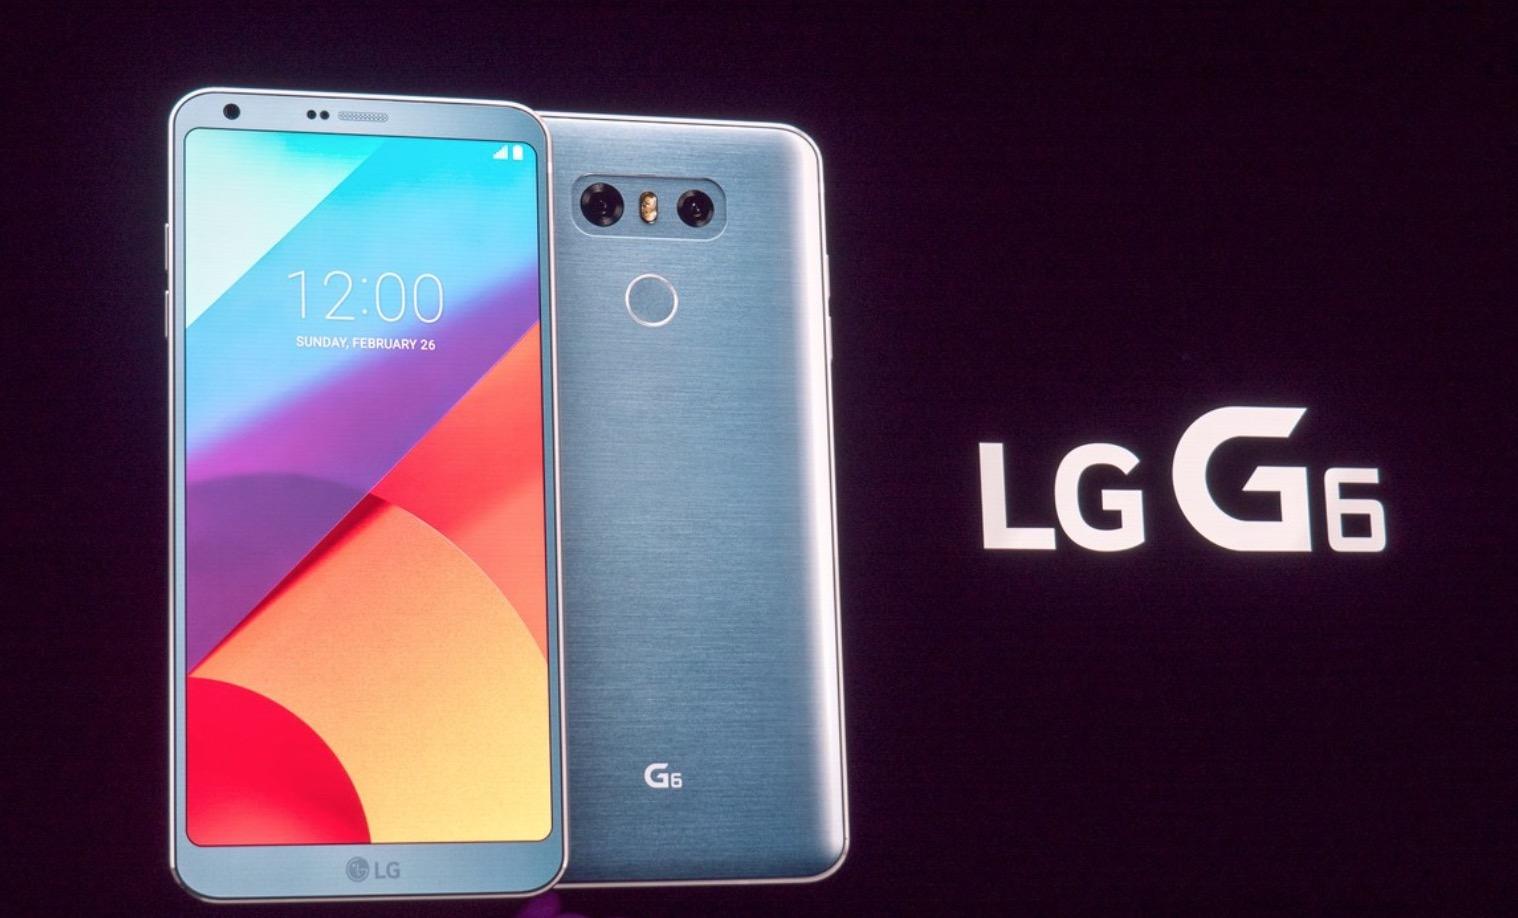 SoC LG G6